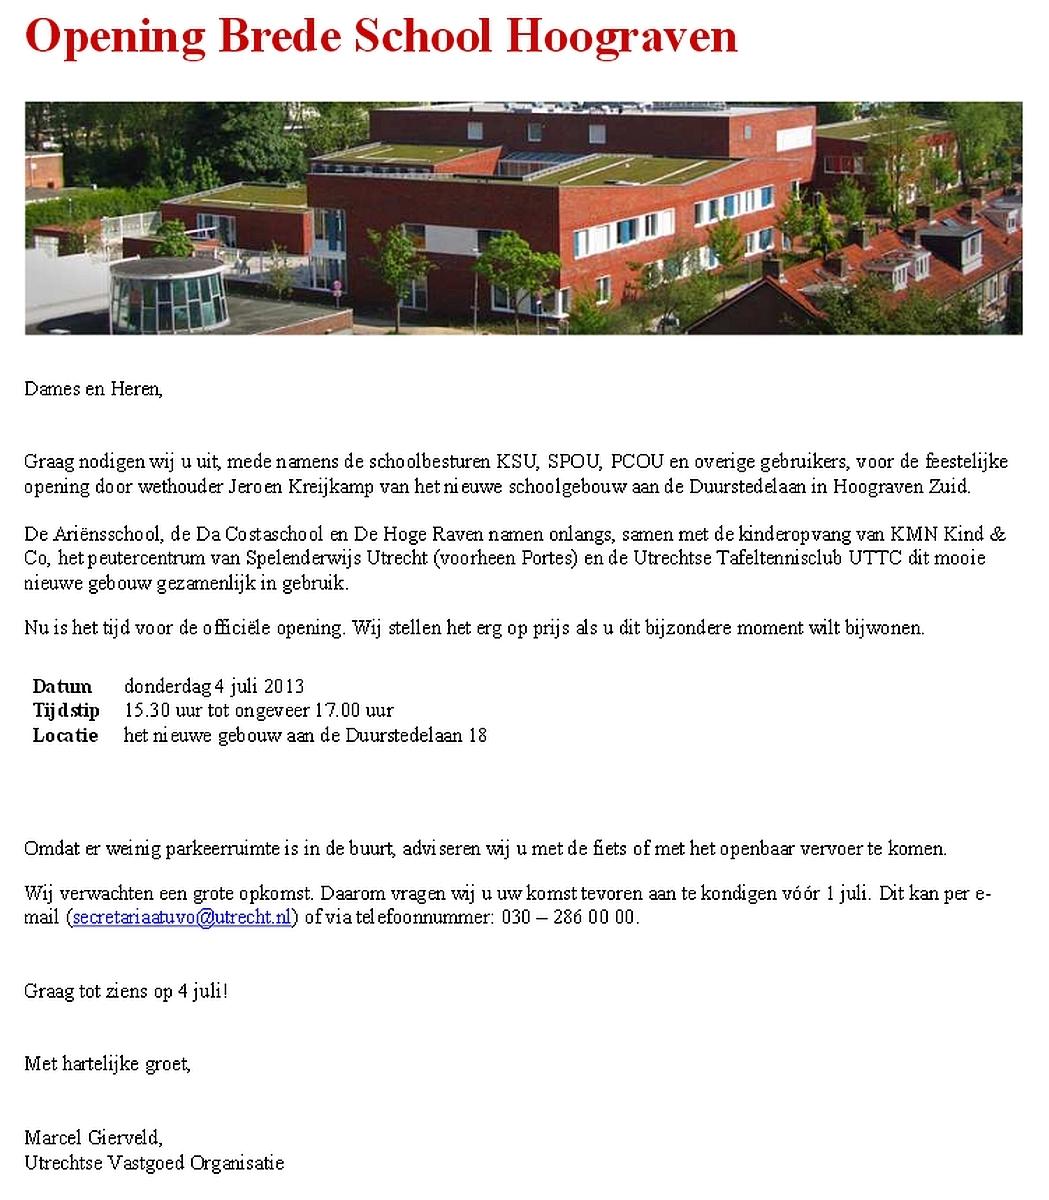 Uitnodiging Opening Bredeschool Hoograven